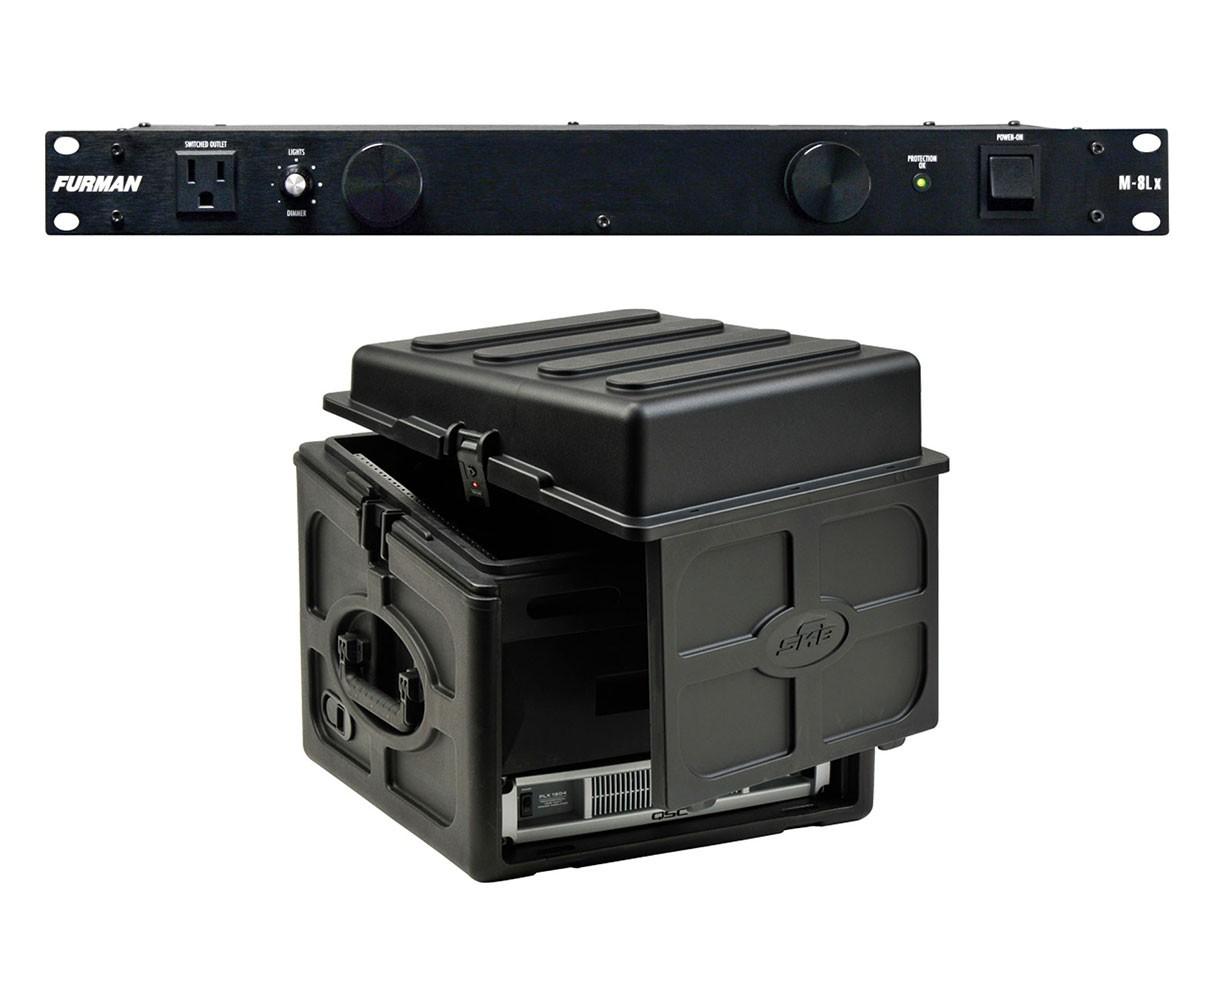 Furman M-8Lx + SKB 1SKB-R106